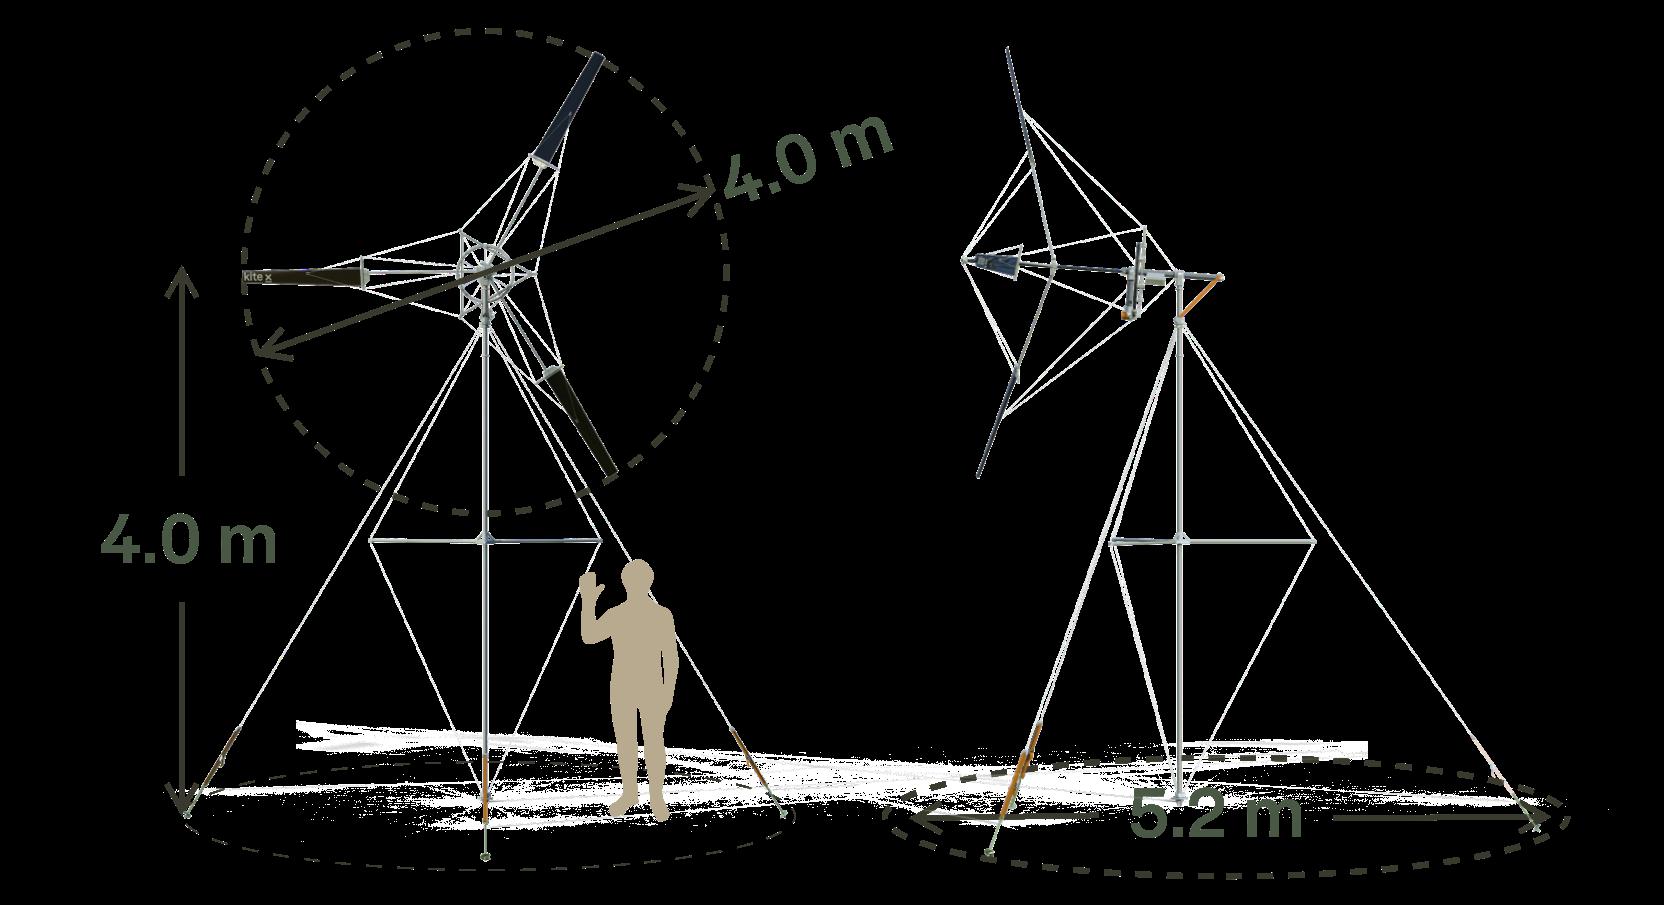 Turbine2DMeasurements